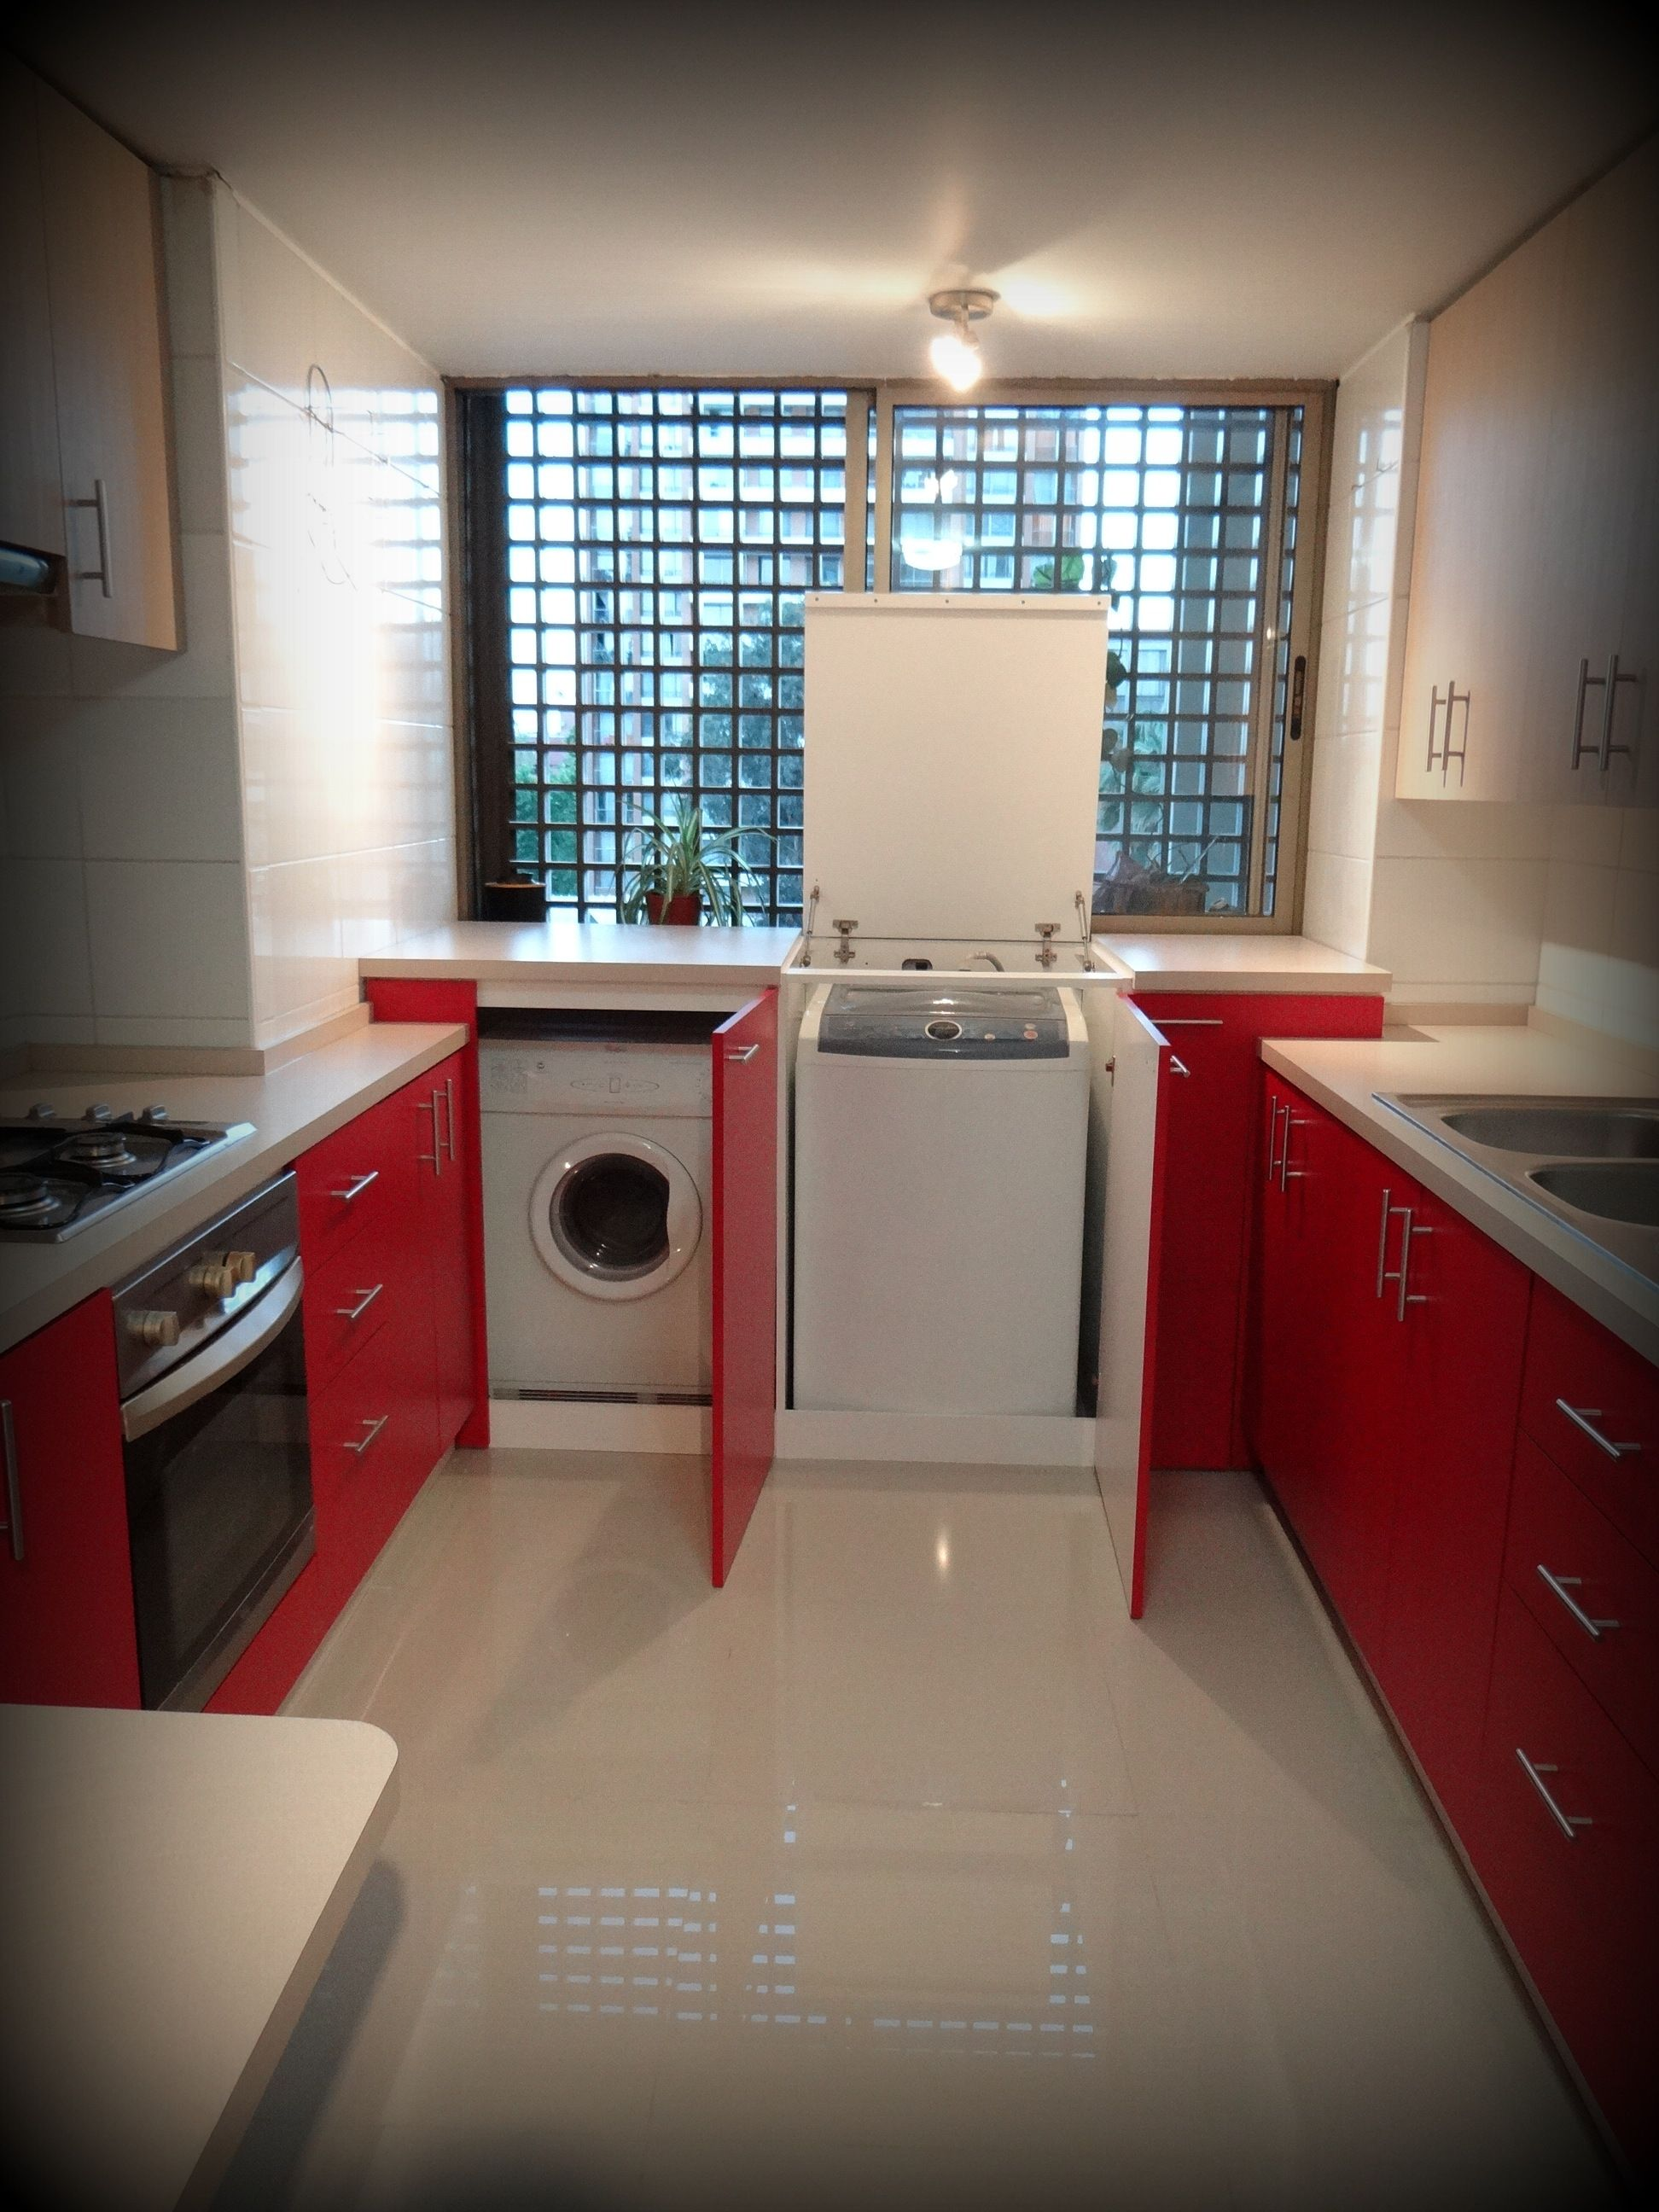 Soluci n para secadora y lavadora con carga superior y for Mueble lavadora